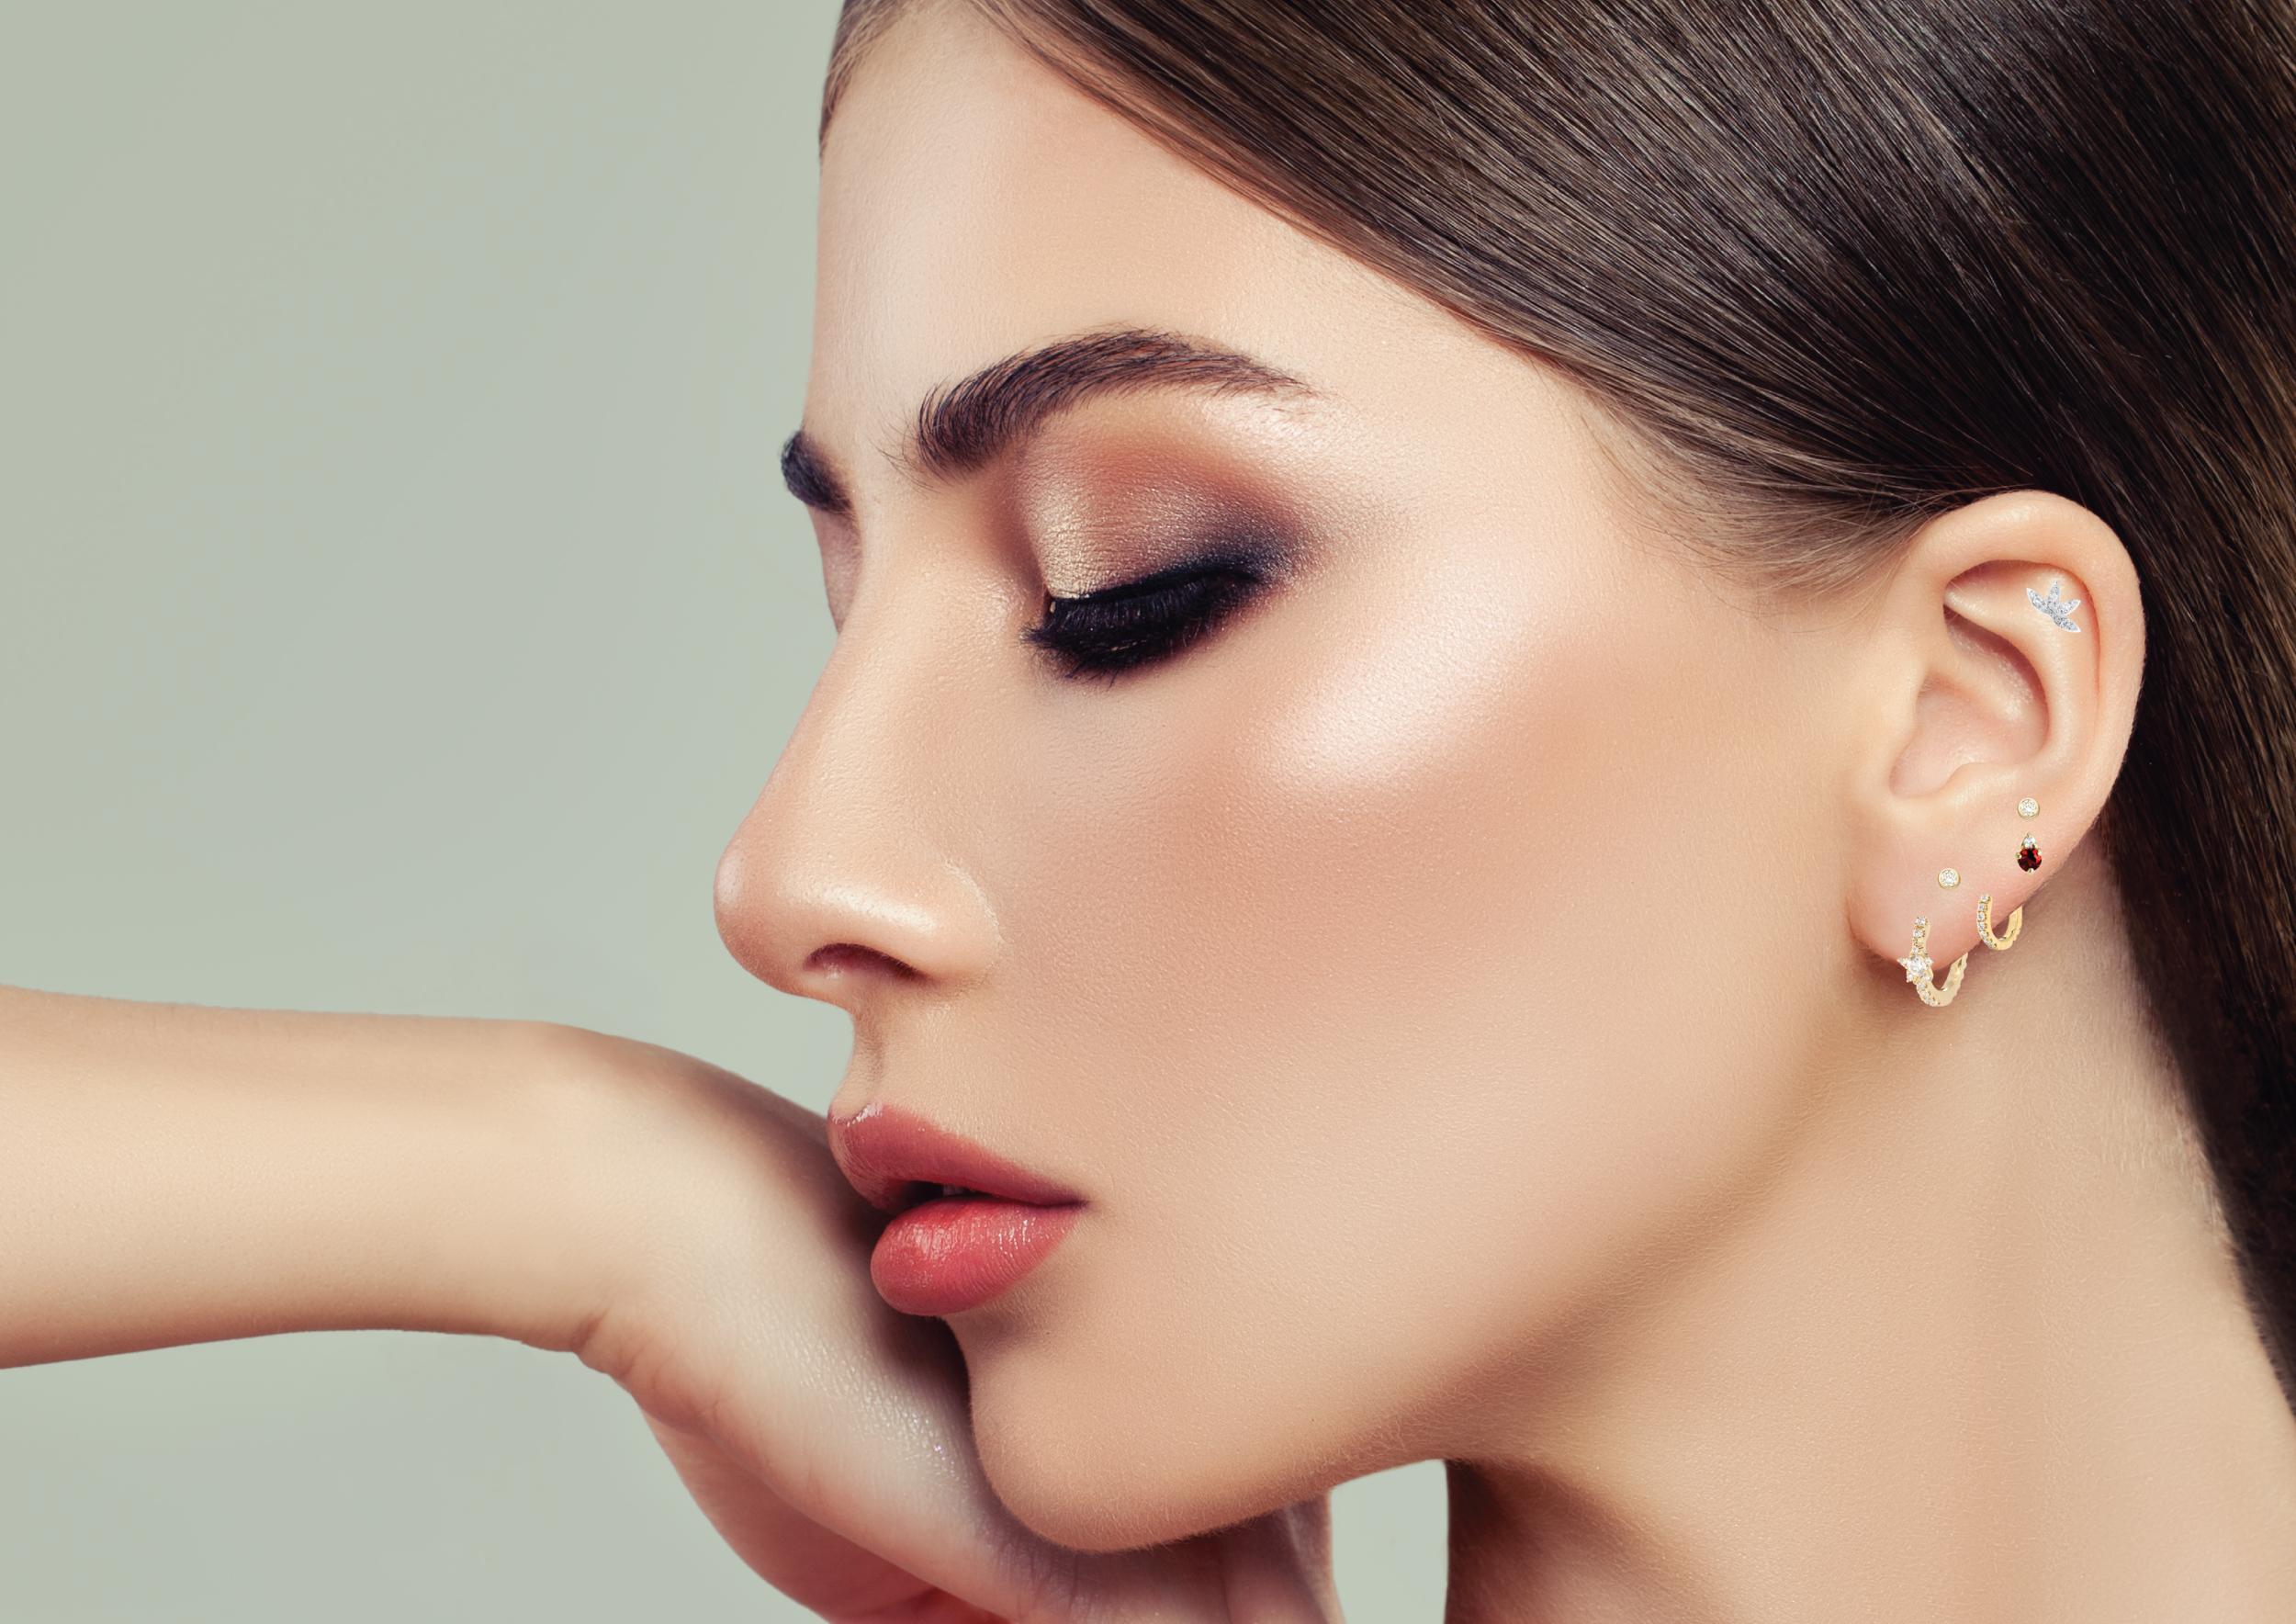 Ear Piercings -